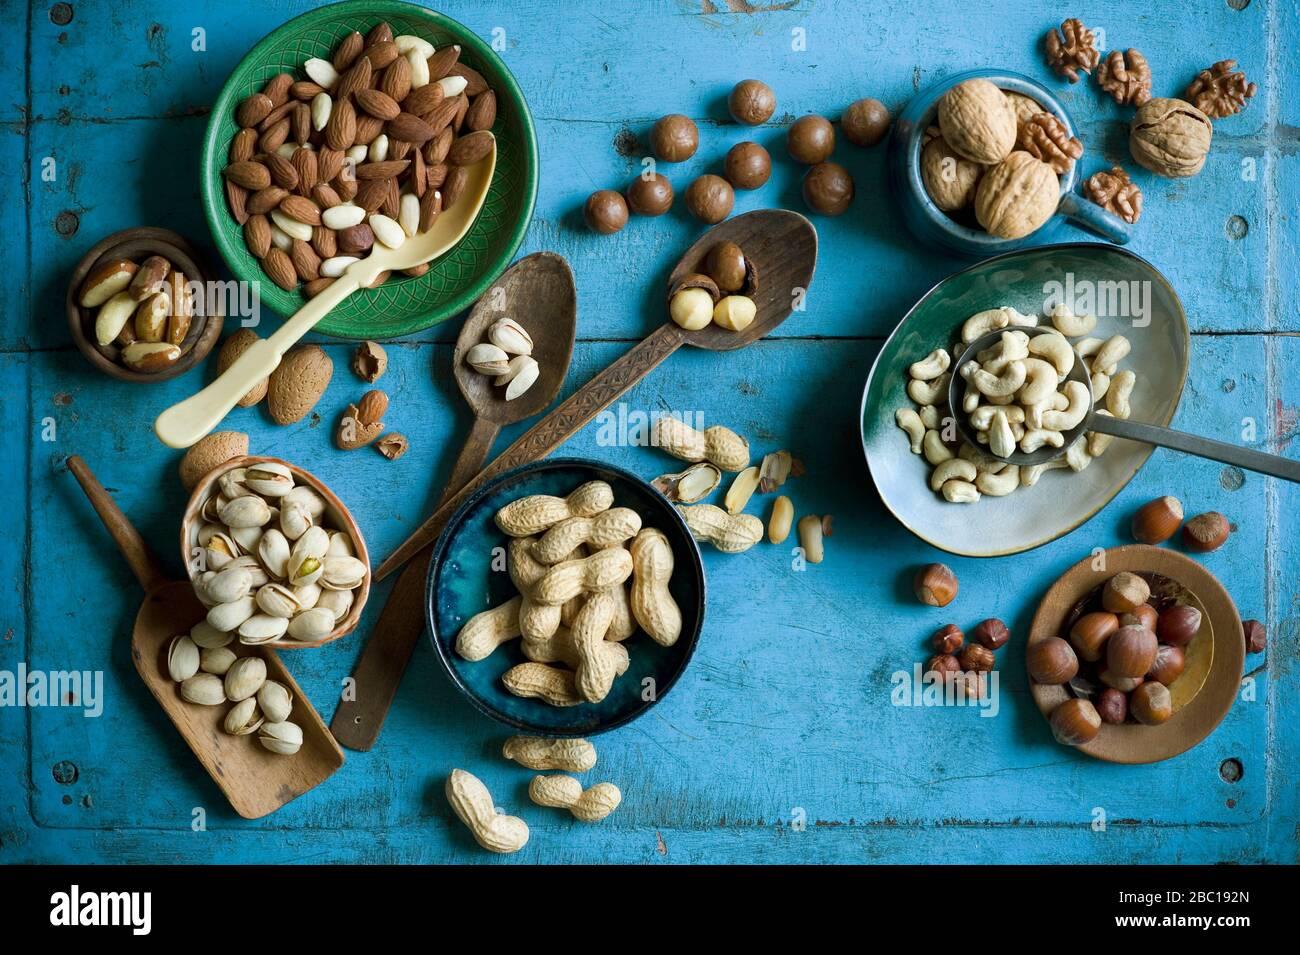 Vista superior de varios frutos secos en cuencos y en cucharas en una mesa rústica azul Foto de stock